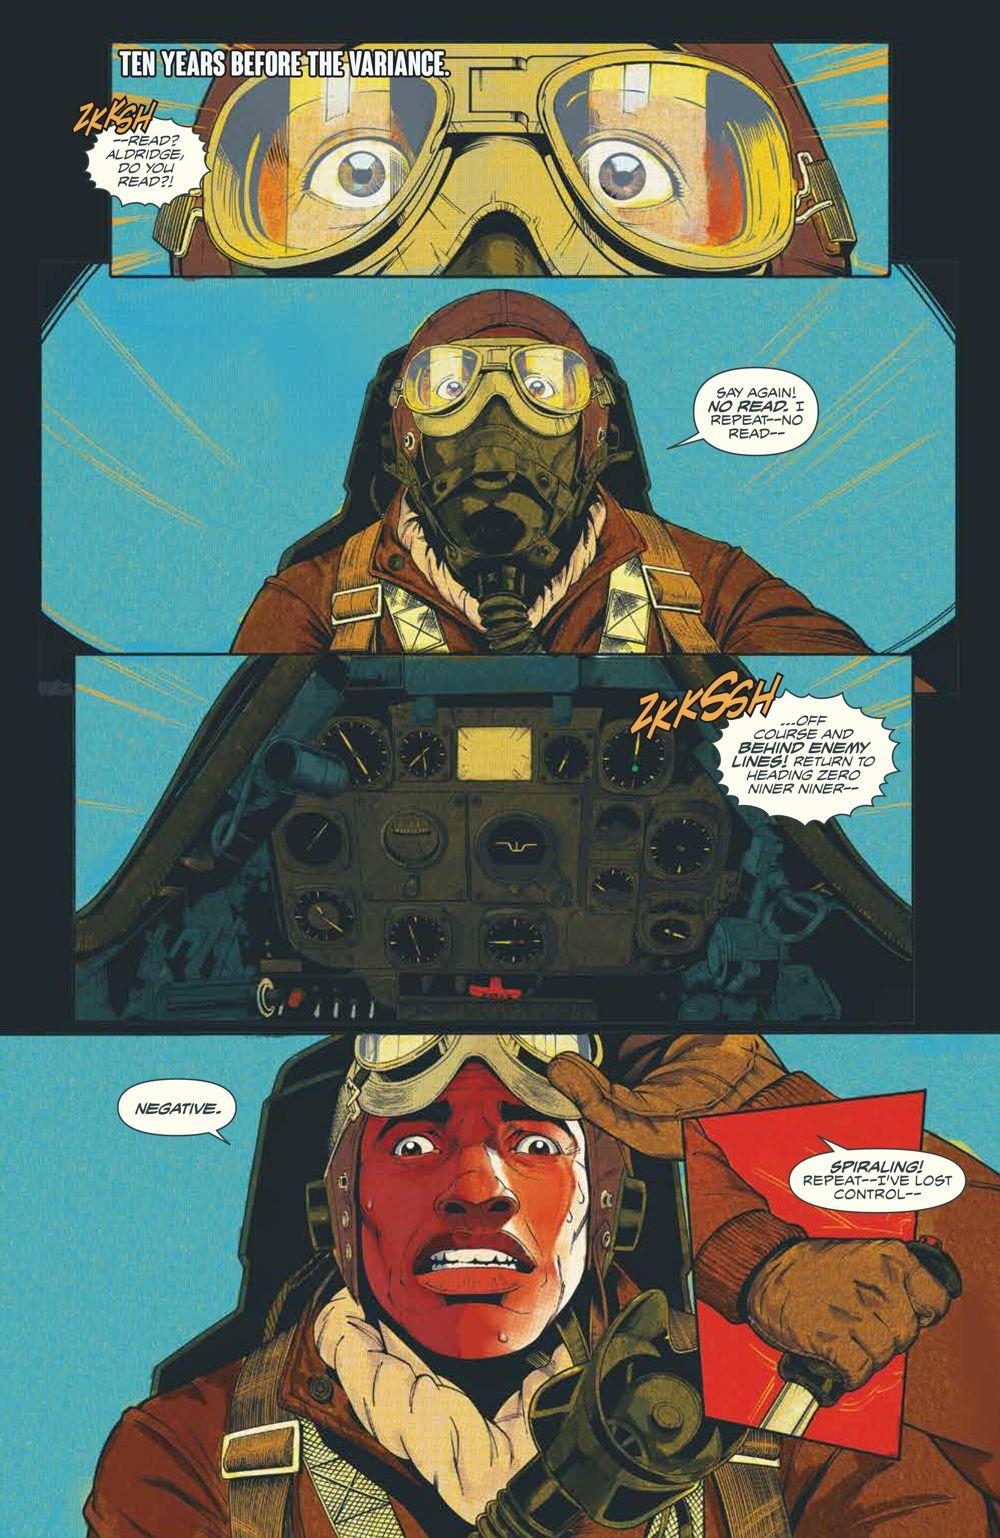 DarkBlood_001_PRESS_6 ComicList Previews: DARK BLOOD #1 (OF 6)